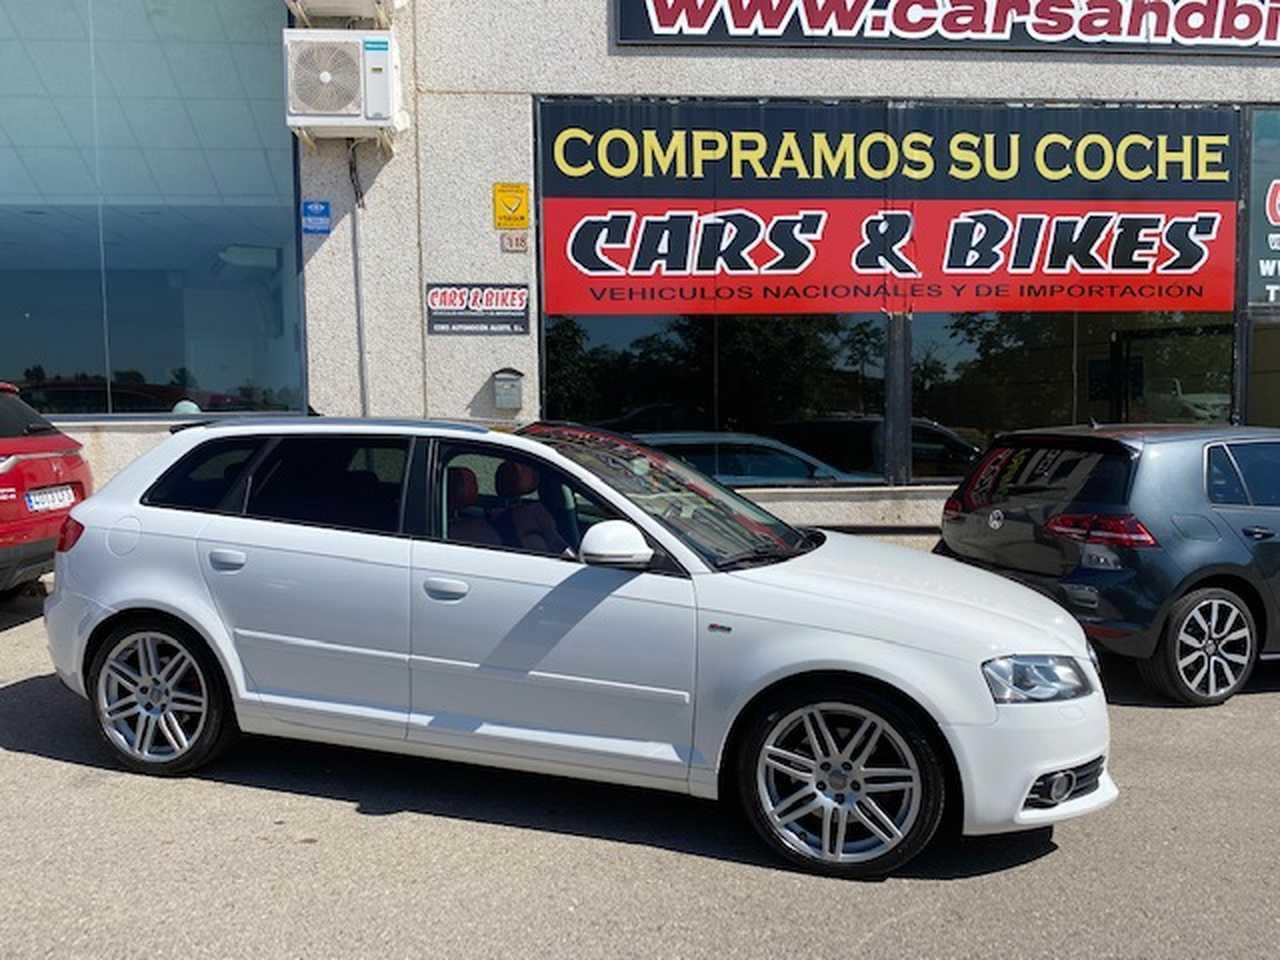 Audi A3 Sportback 2.0 TDI Quattro DPF Ambition 5p. S-LINE   - Foto 1